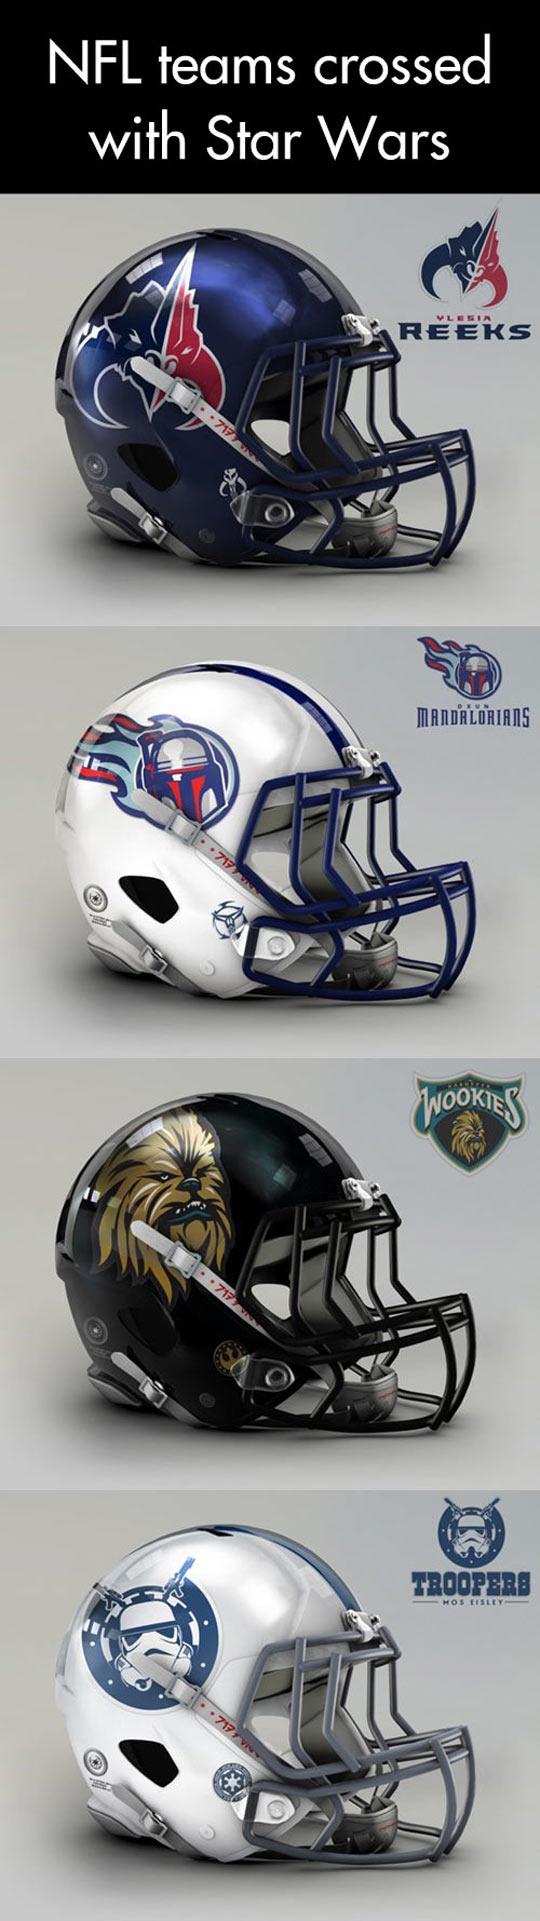 NFL meets Star Wars...